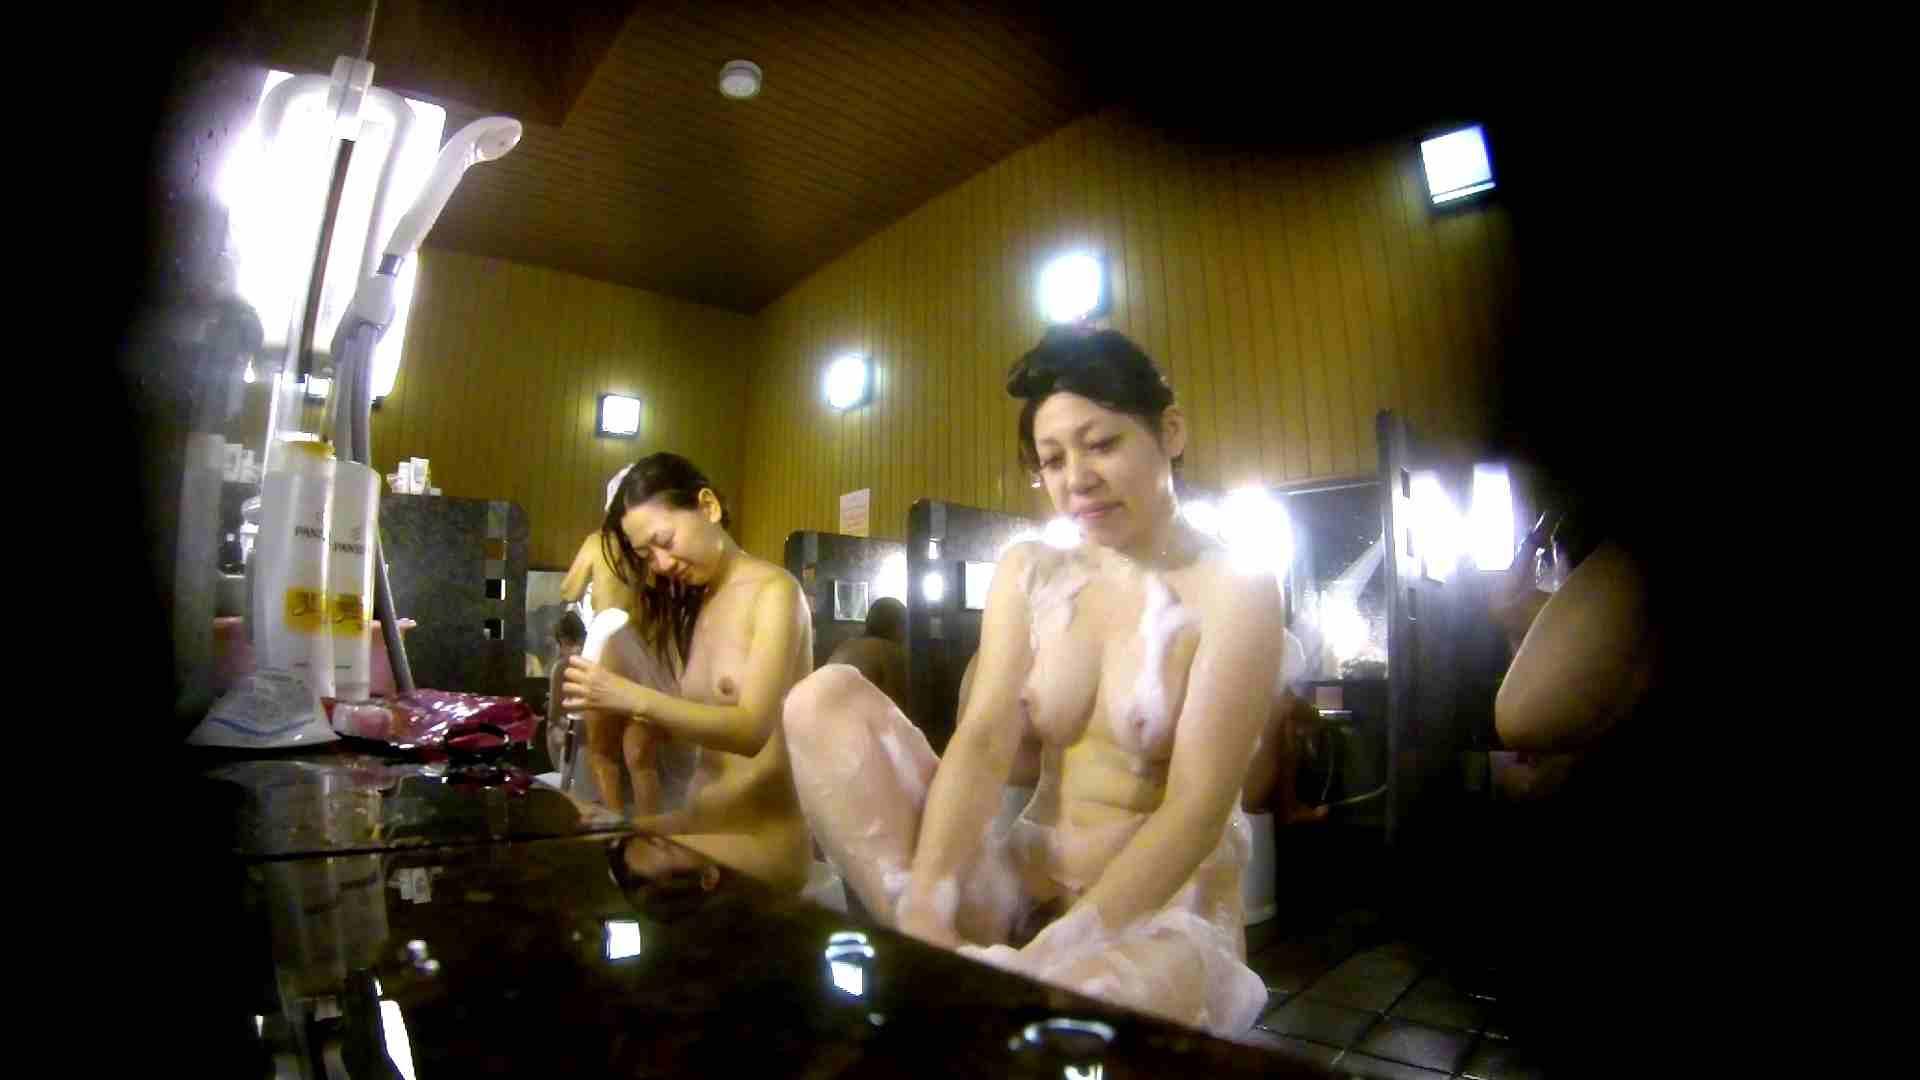 洗い場!柔らかそうな身体は良いけど、歯磨きが下品です。 潜入 | 女湯  107画像 85